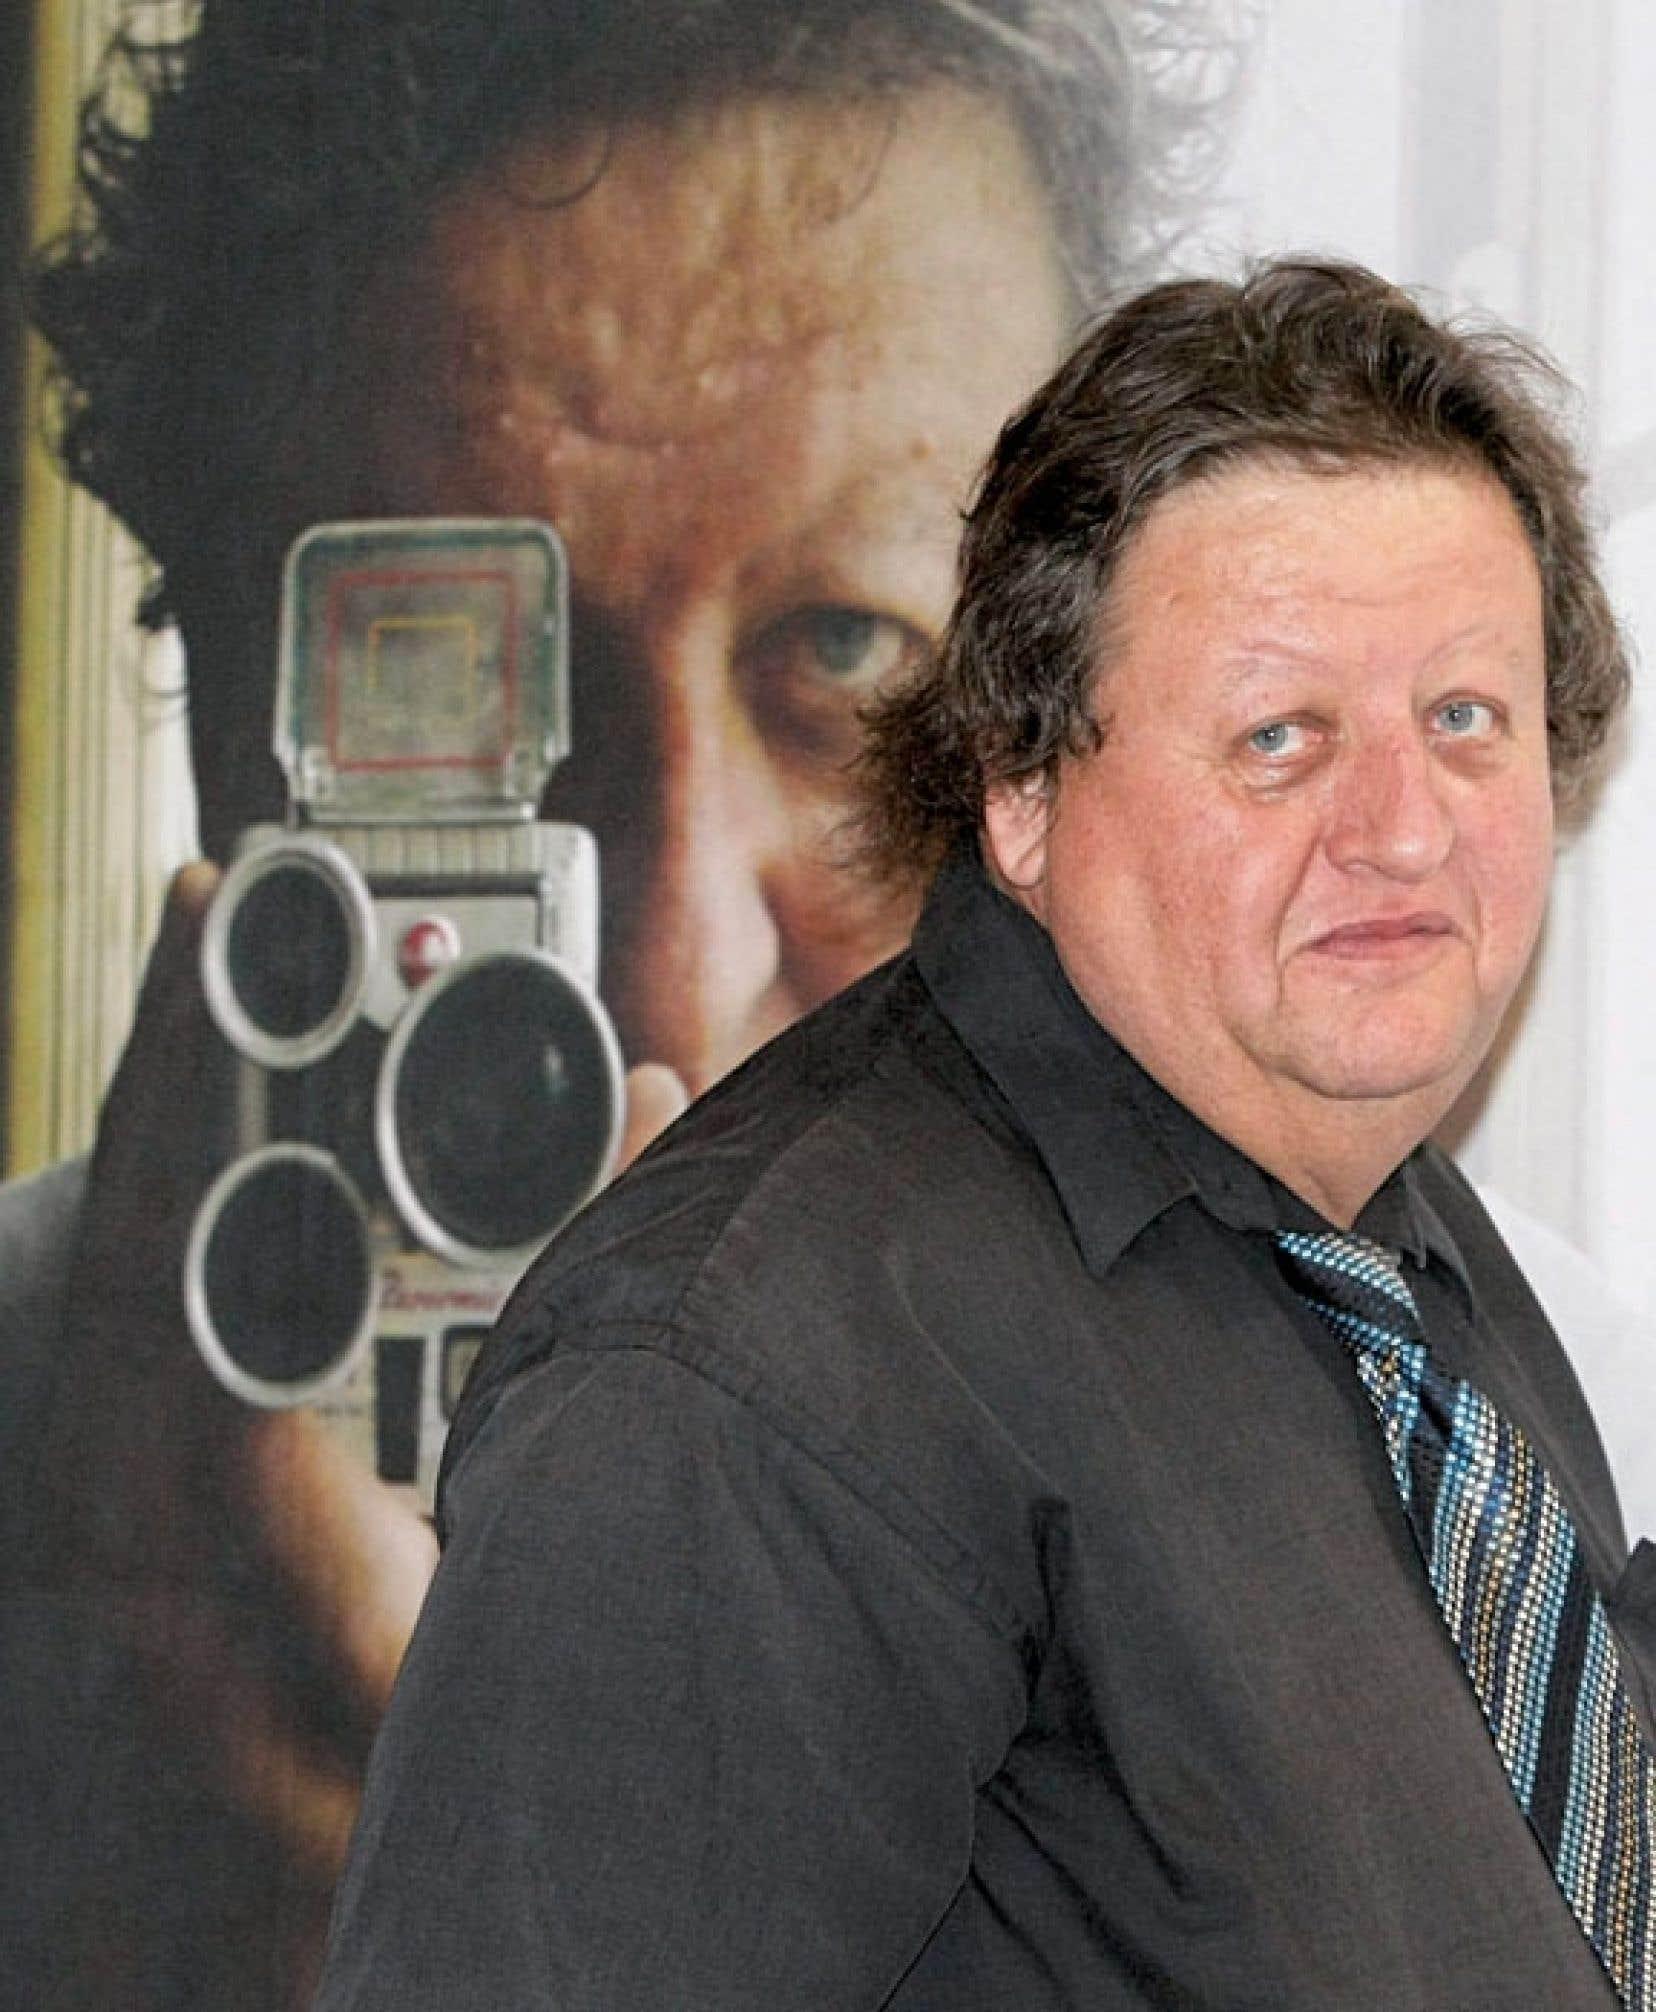 Le documentariste Peter Wintonick lors du Festival international du film de Pusan, à Busan en Corée du Sud, en octobre 2009.